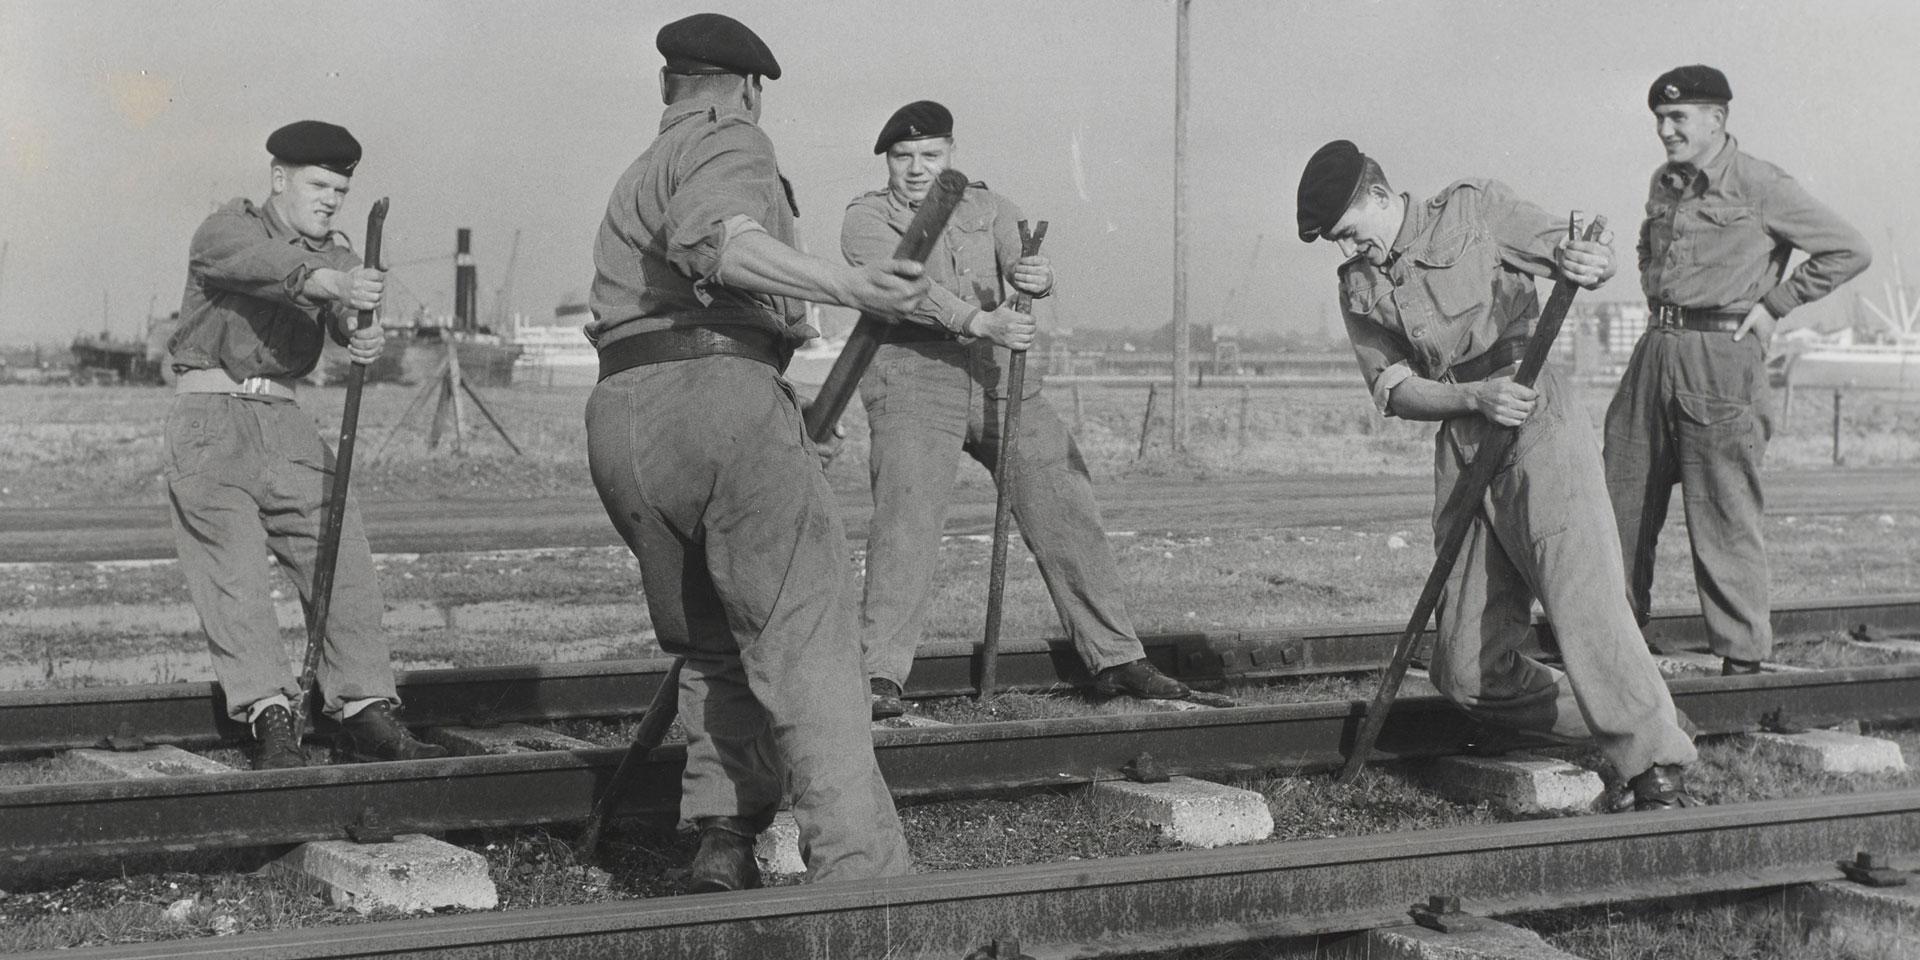 Members of the Royal Pioneer Corps undertaking railway maintenance, c1960